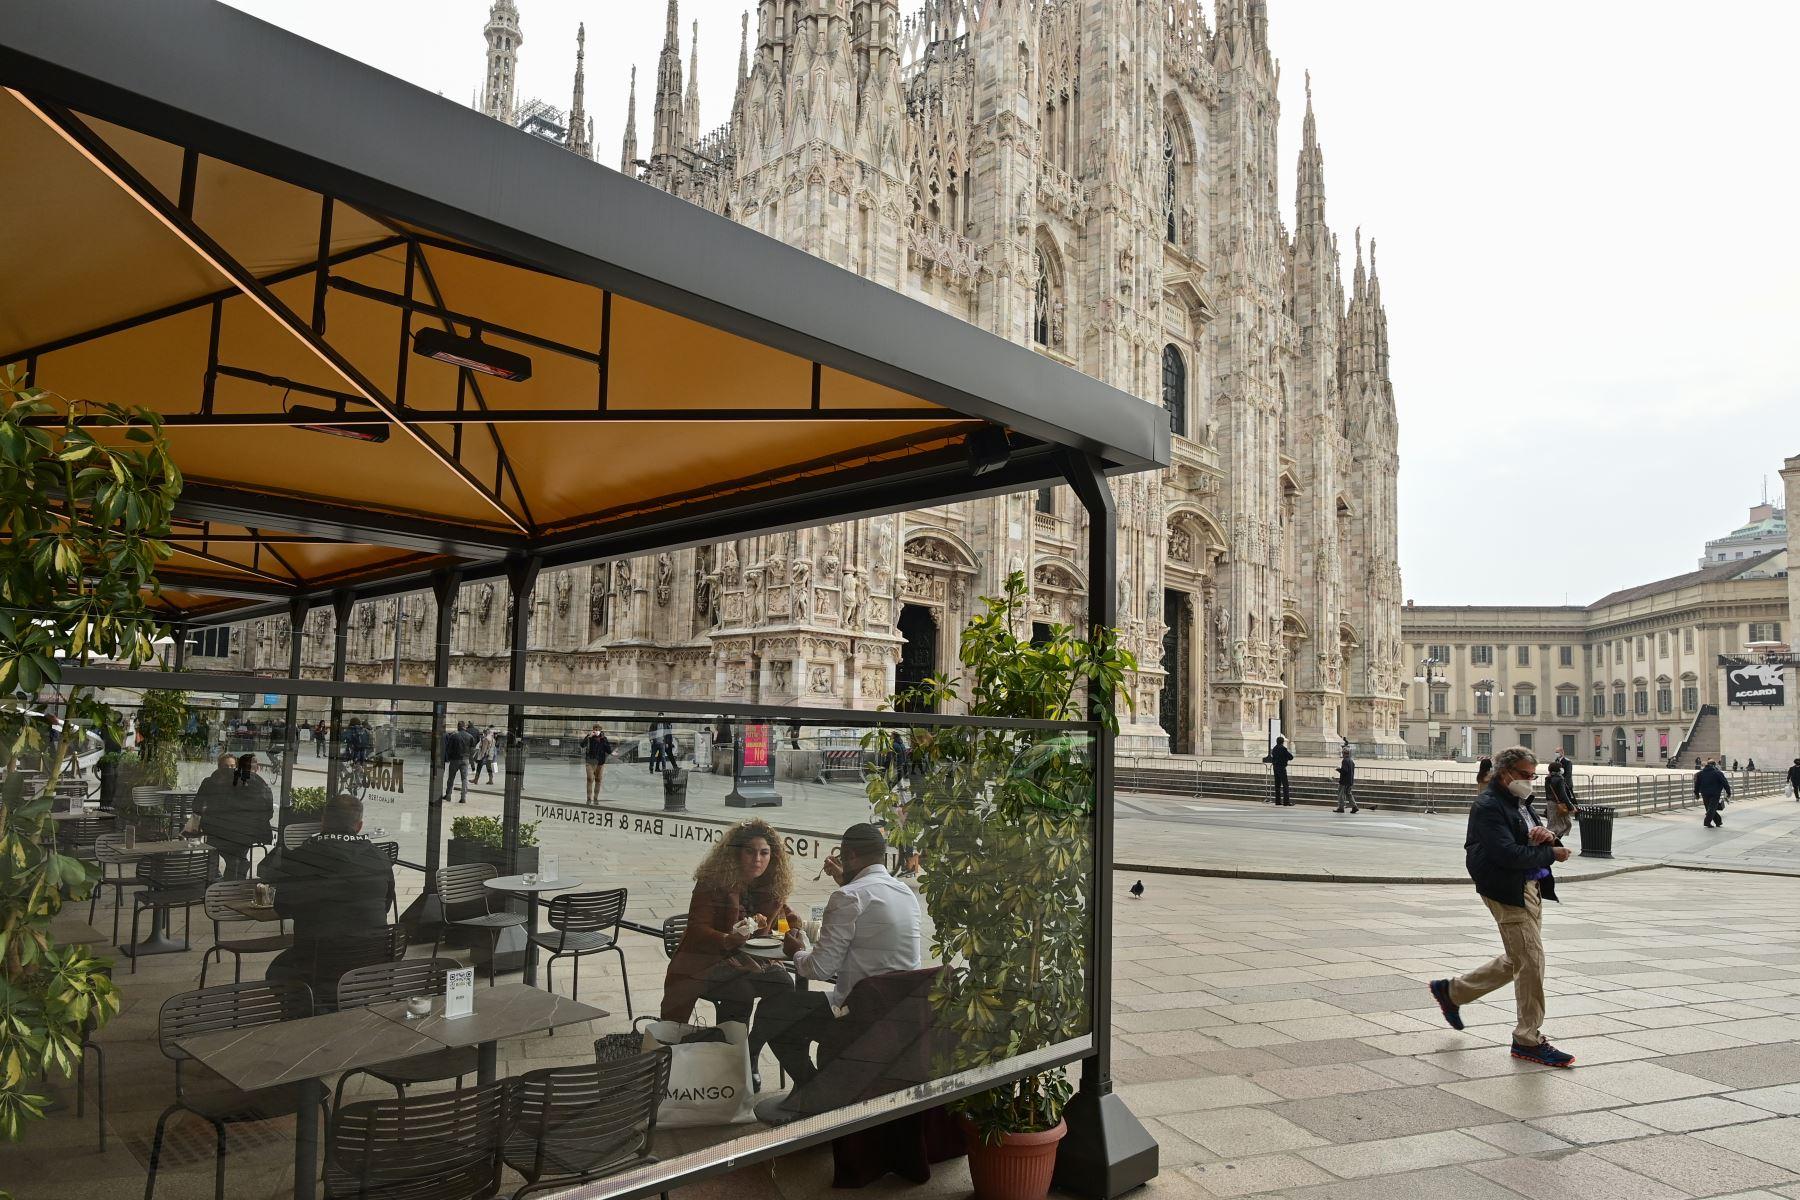 Personas con mascarillas transitan por la Catedral de Milán mientras algunos visitan restaurantes en medio del rebrote por coronavirus. Foto: AFP